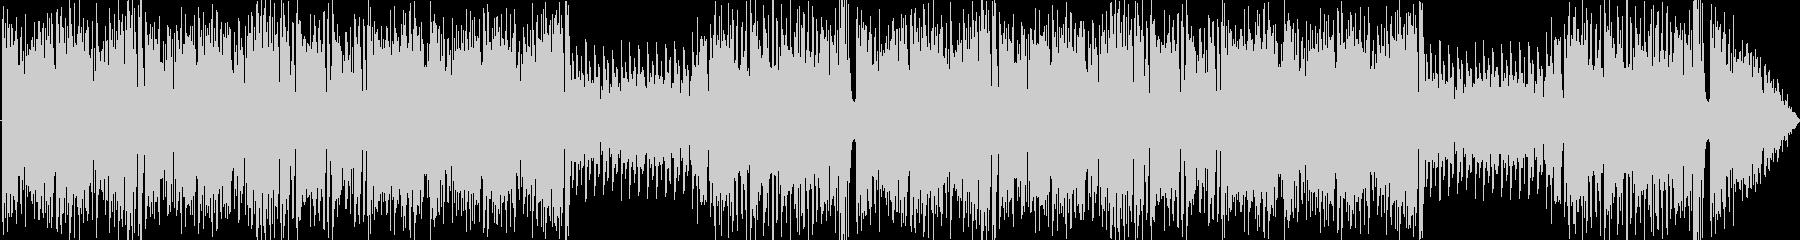 ポップなコミカルパズル曲の未再生の波形